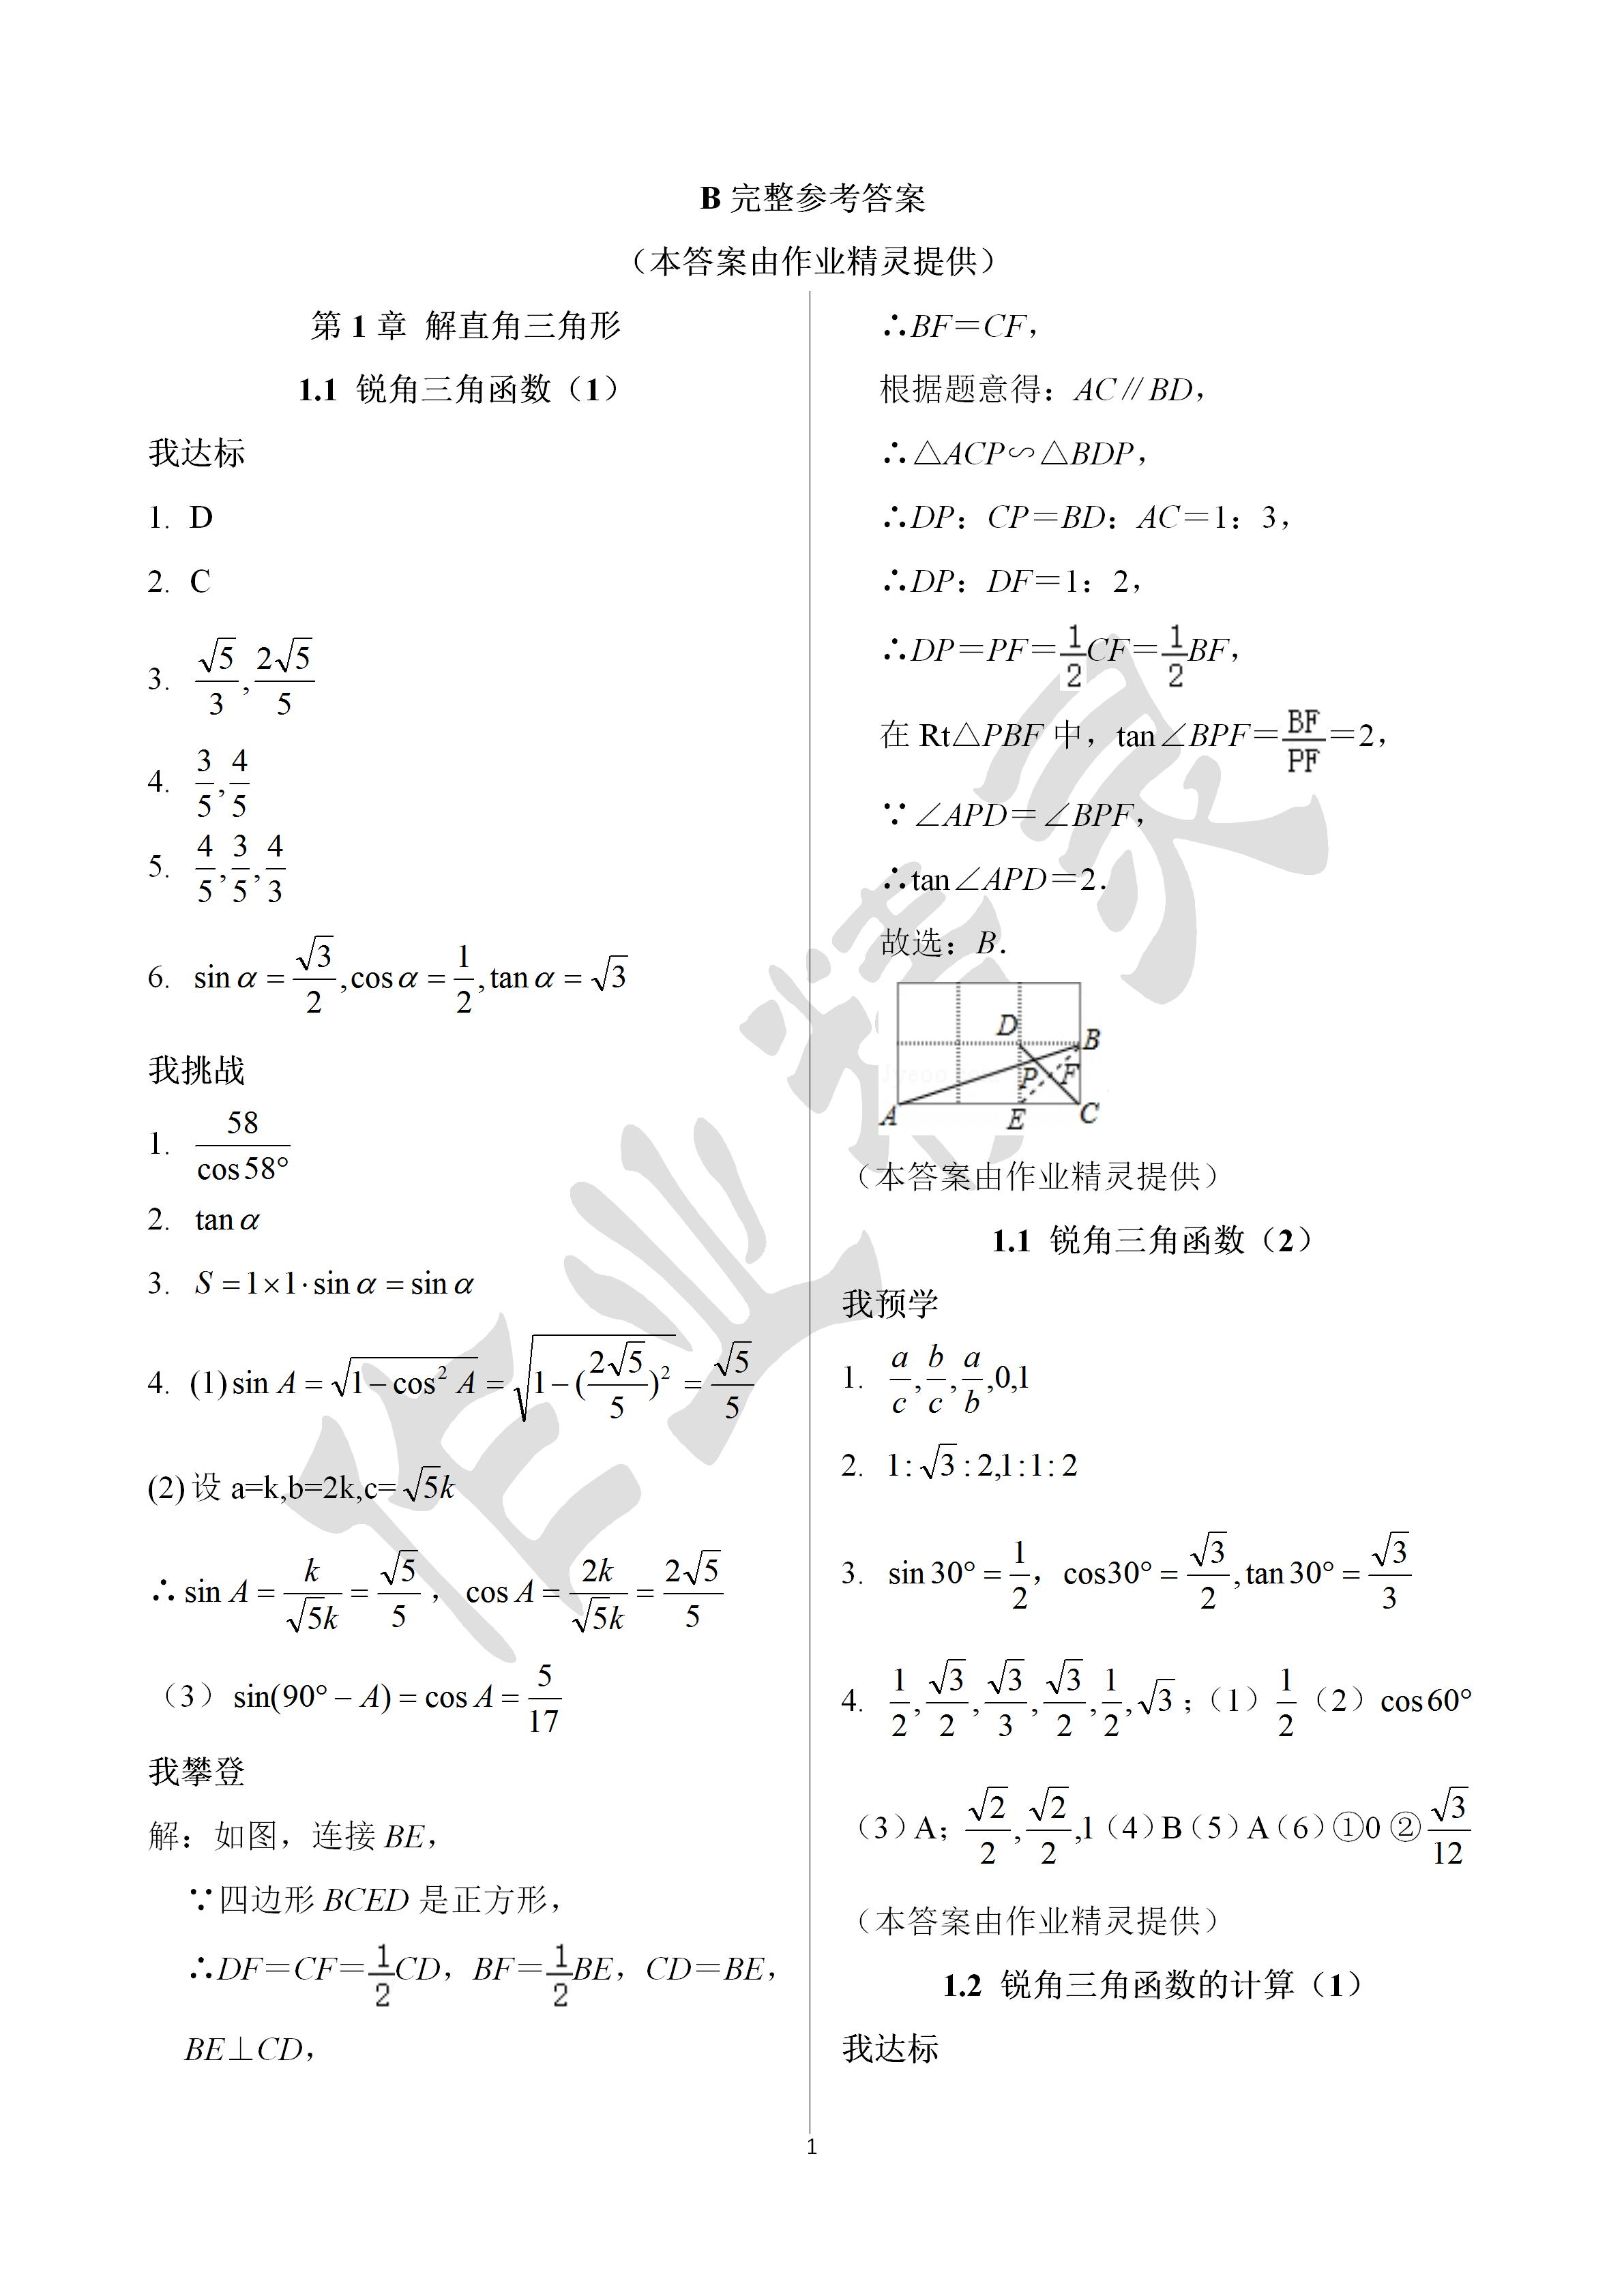 2020年导学新作业九年级数学下册浙教版B版第1页